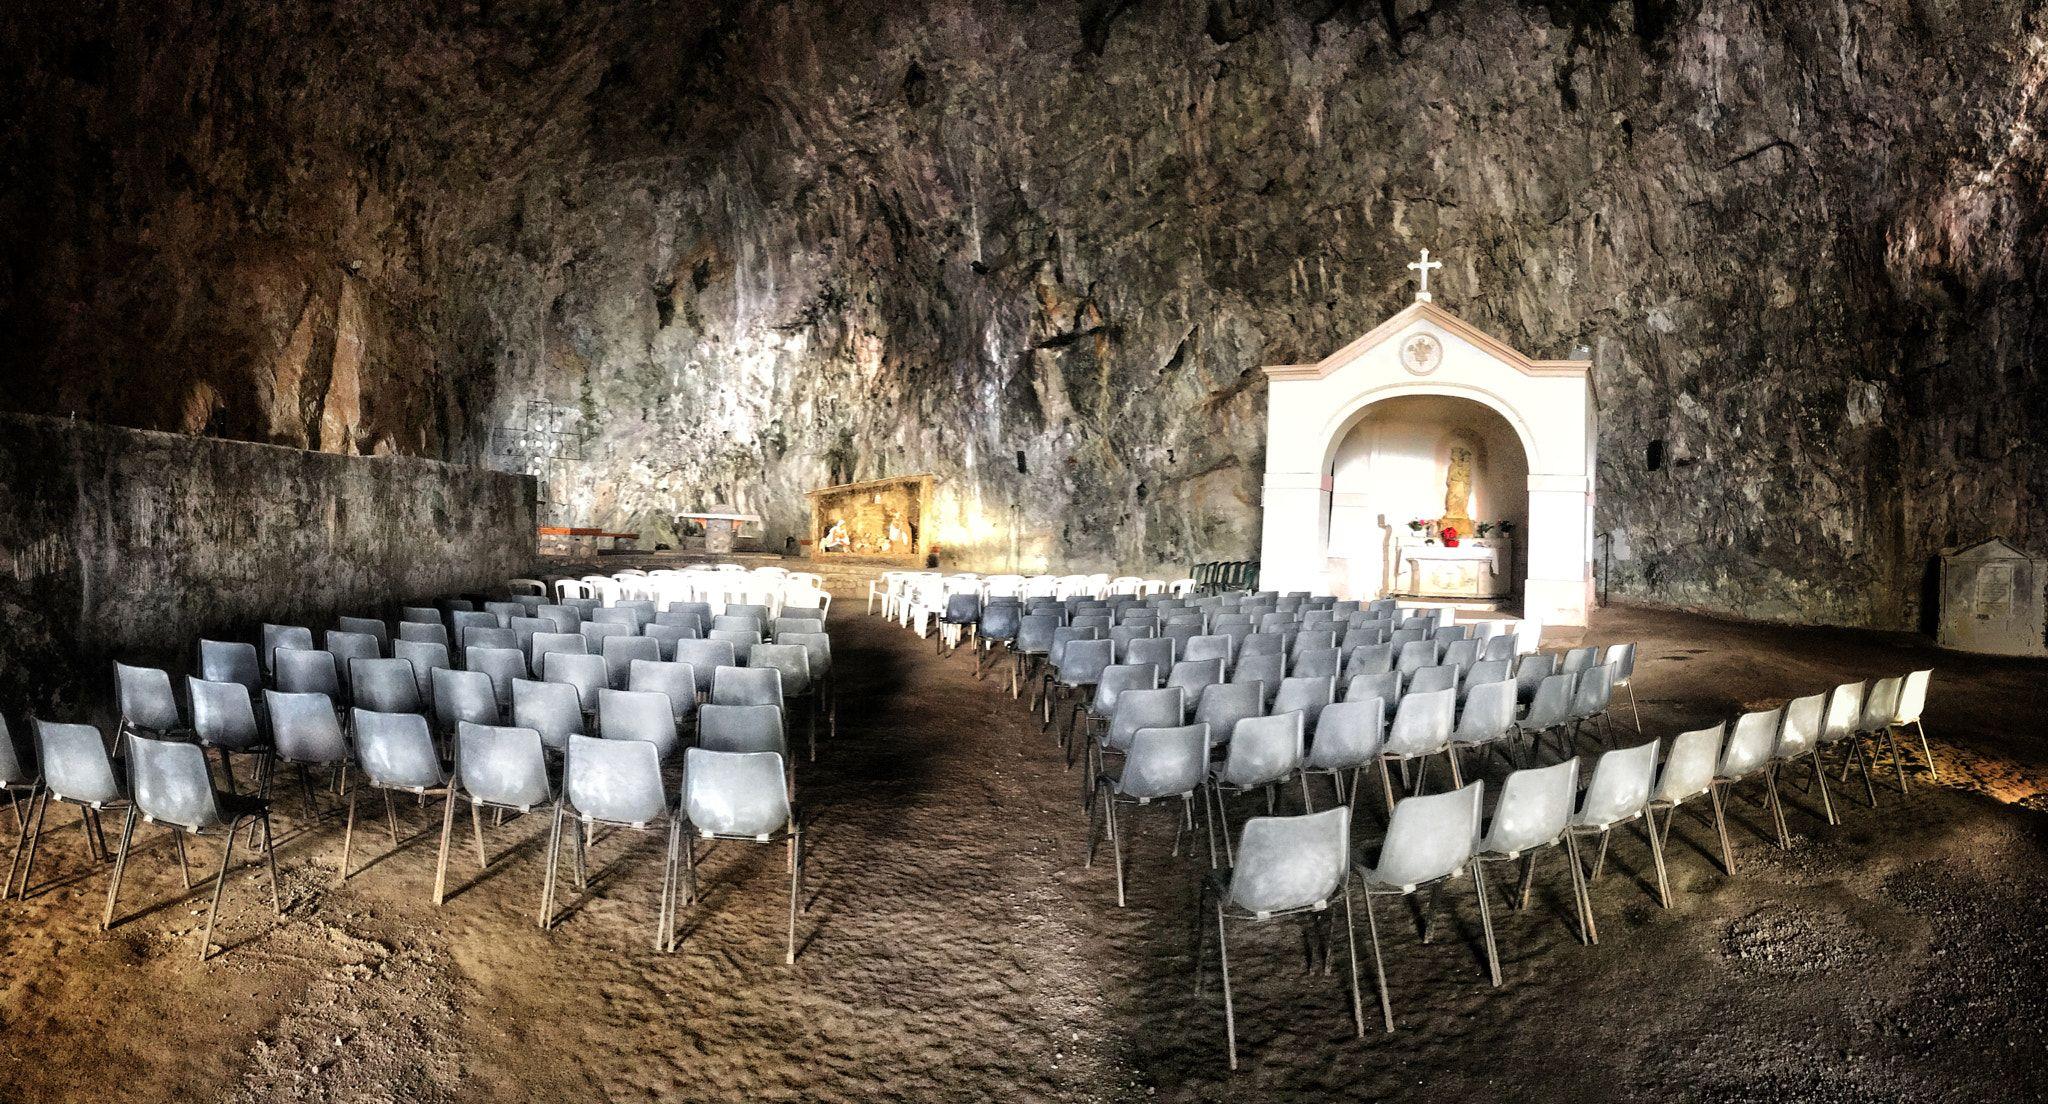 Santuario della Grotta di Praia a Mare 1